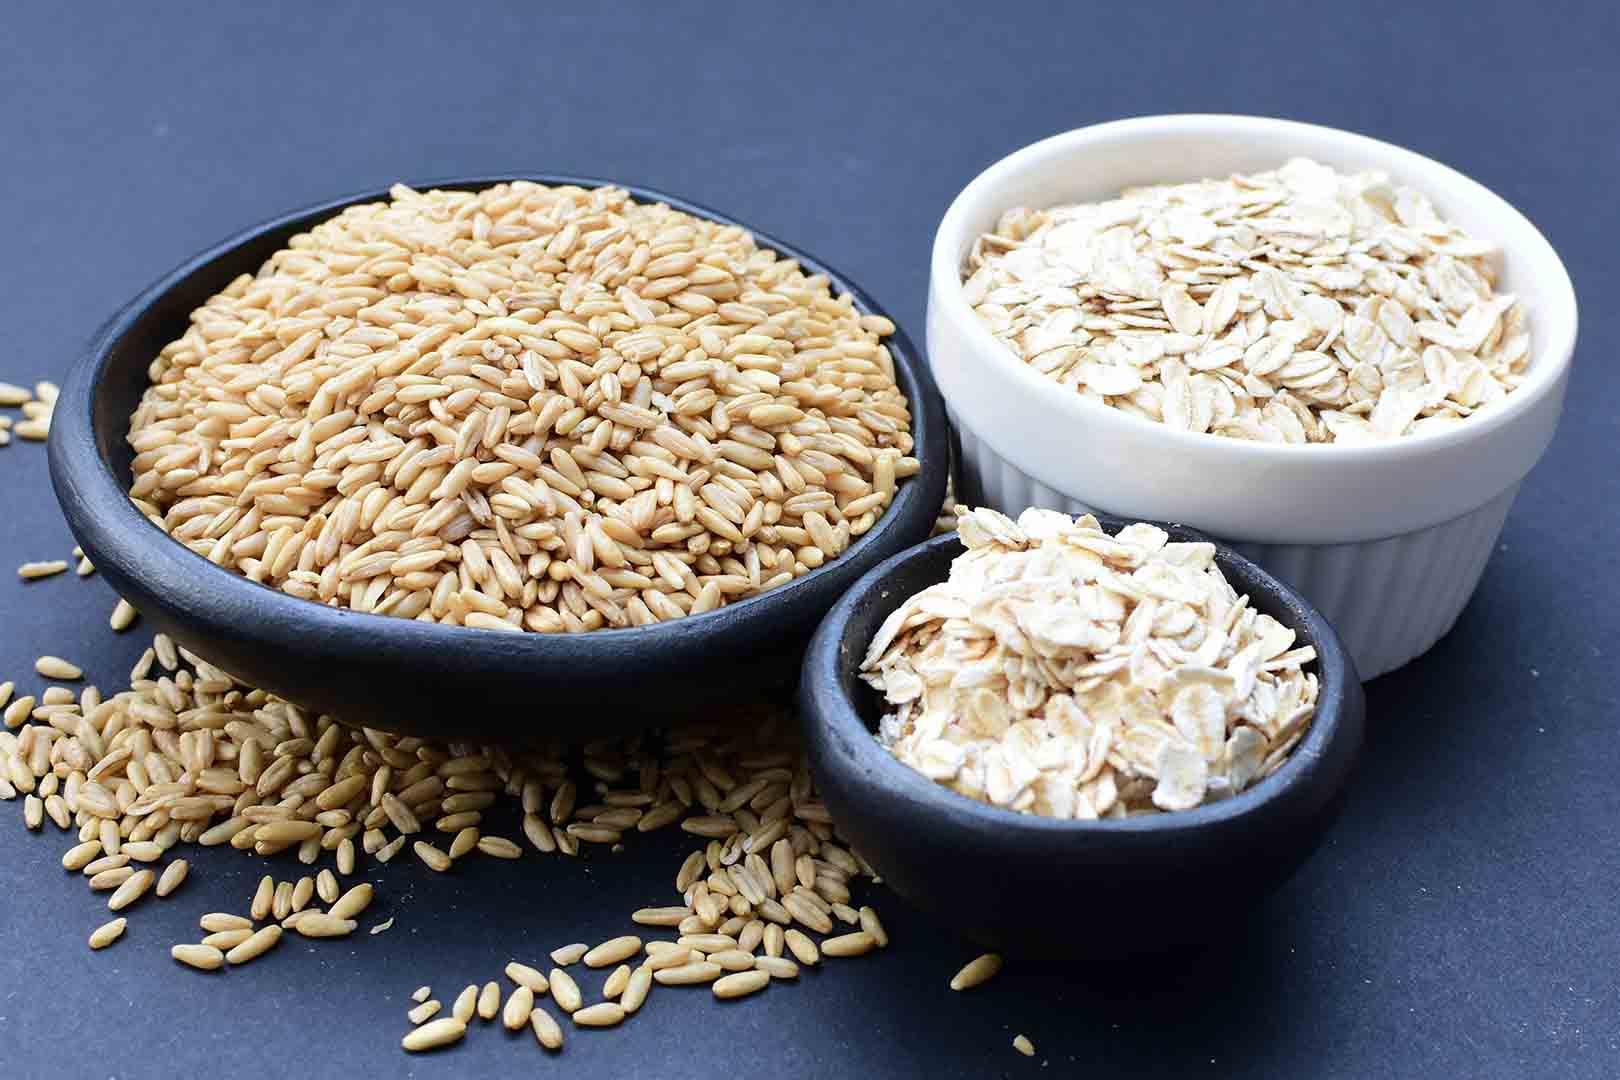 Manfaat Oatmeal dalam Menurunkan Kadar Kolesterol